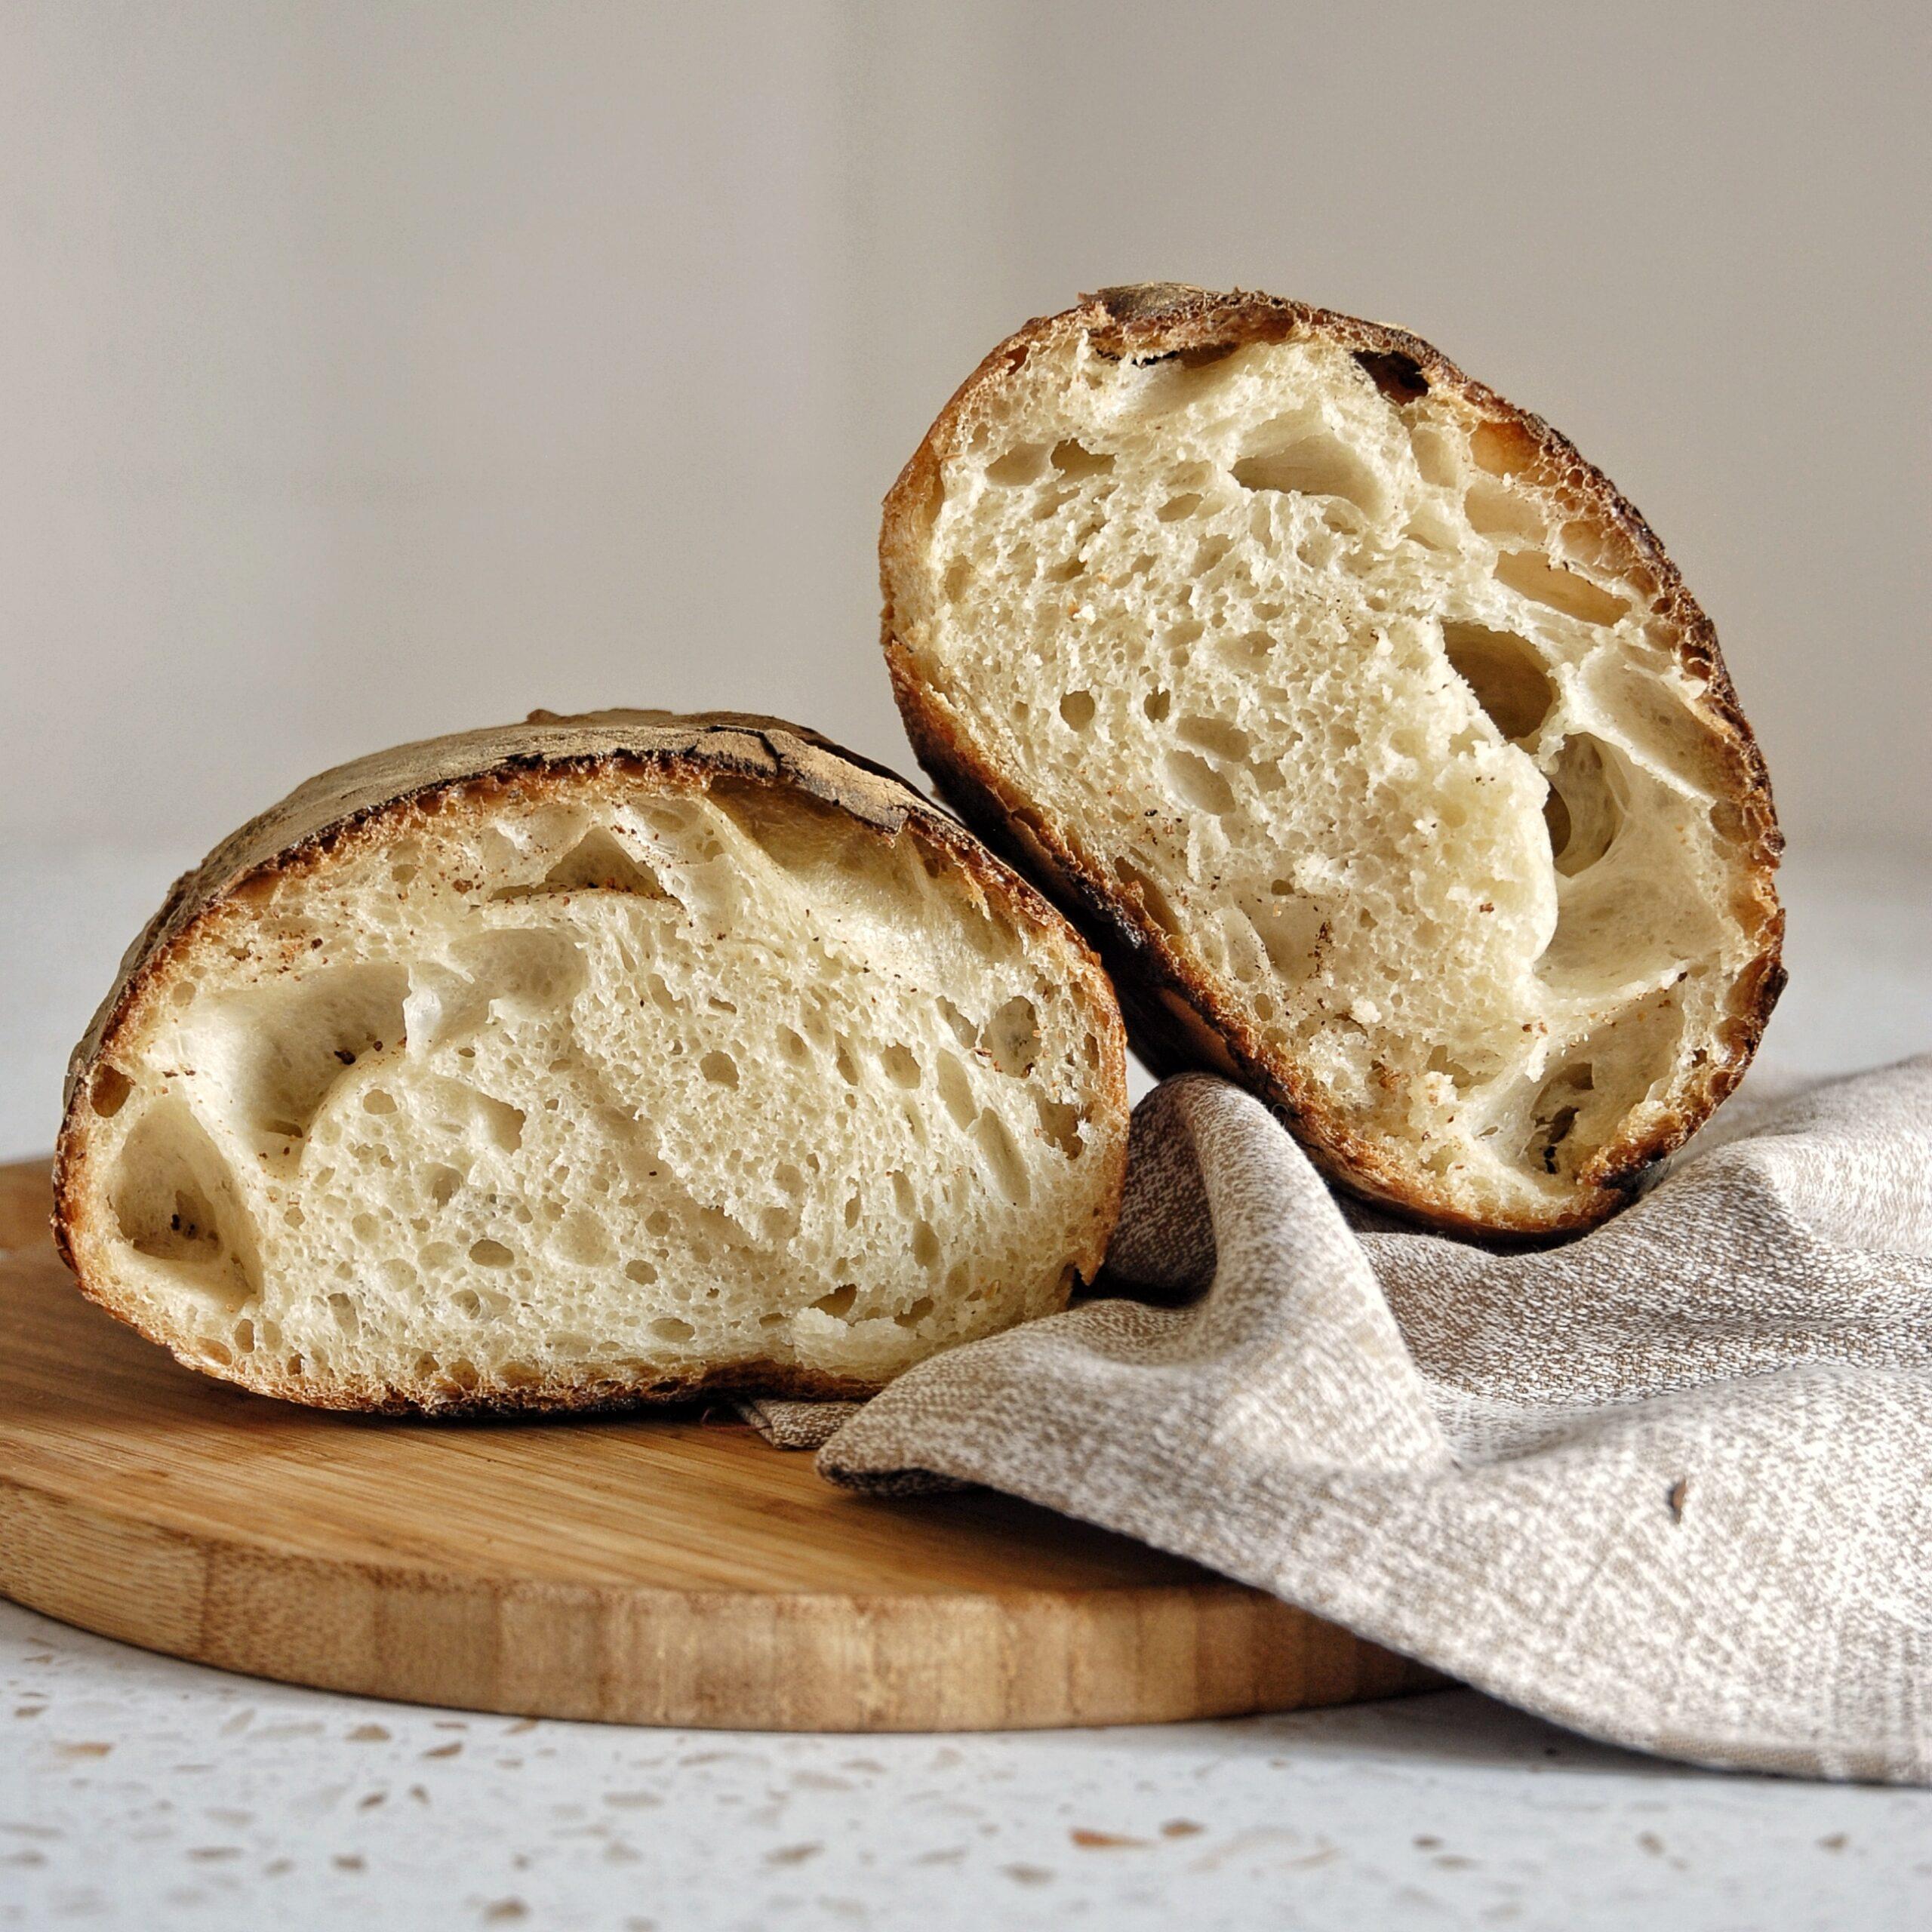 Pane senza impasto con li.co.li. (o lievito di birra)